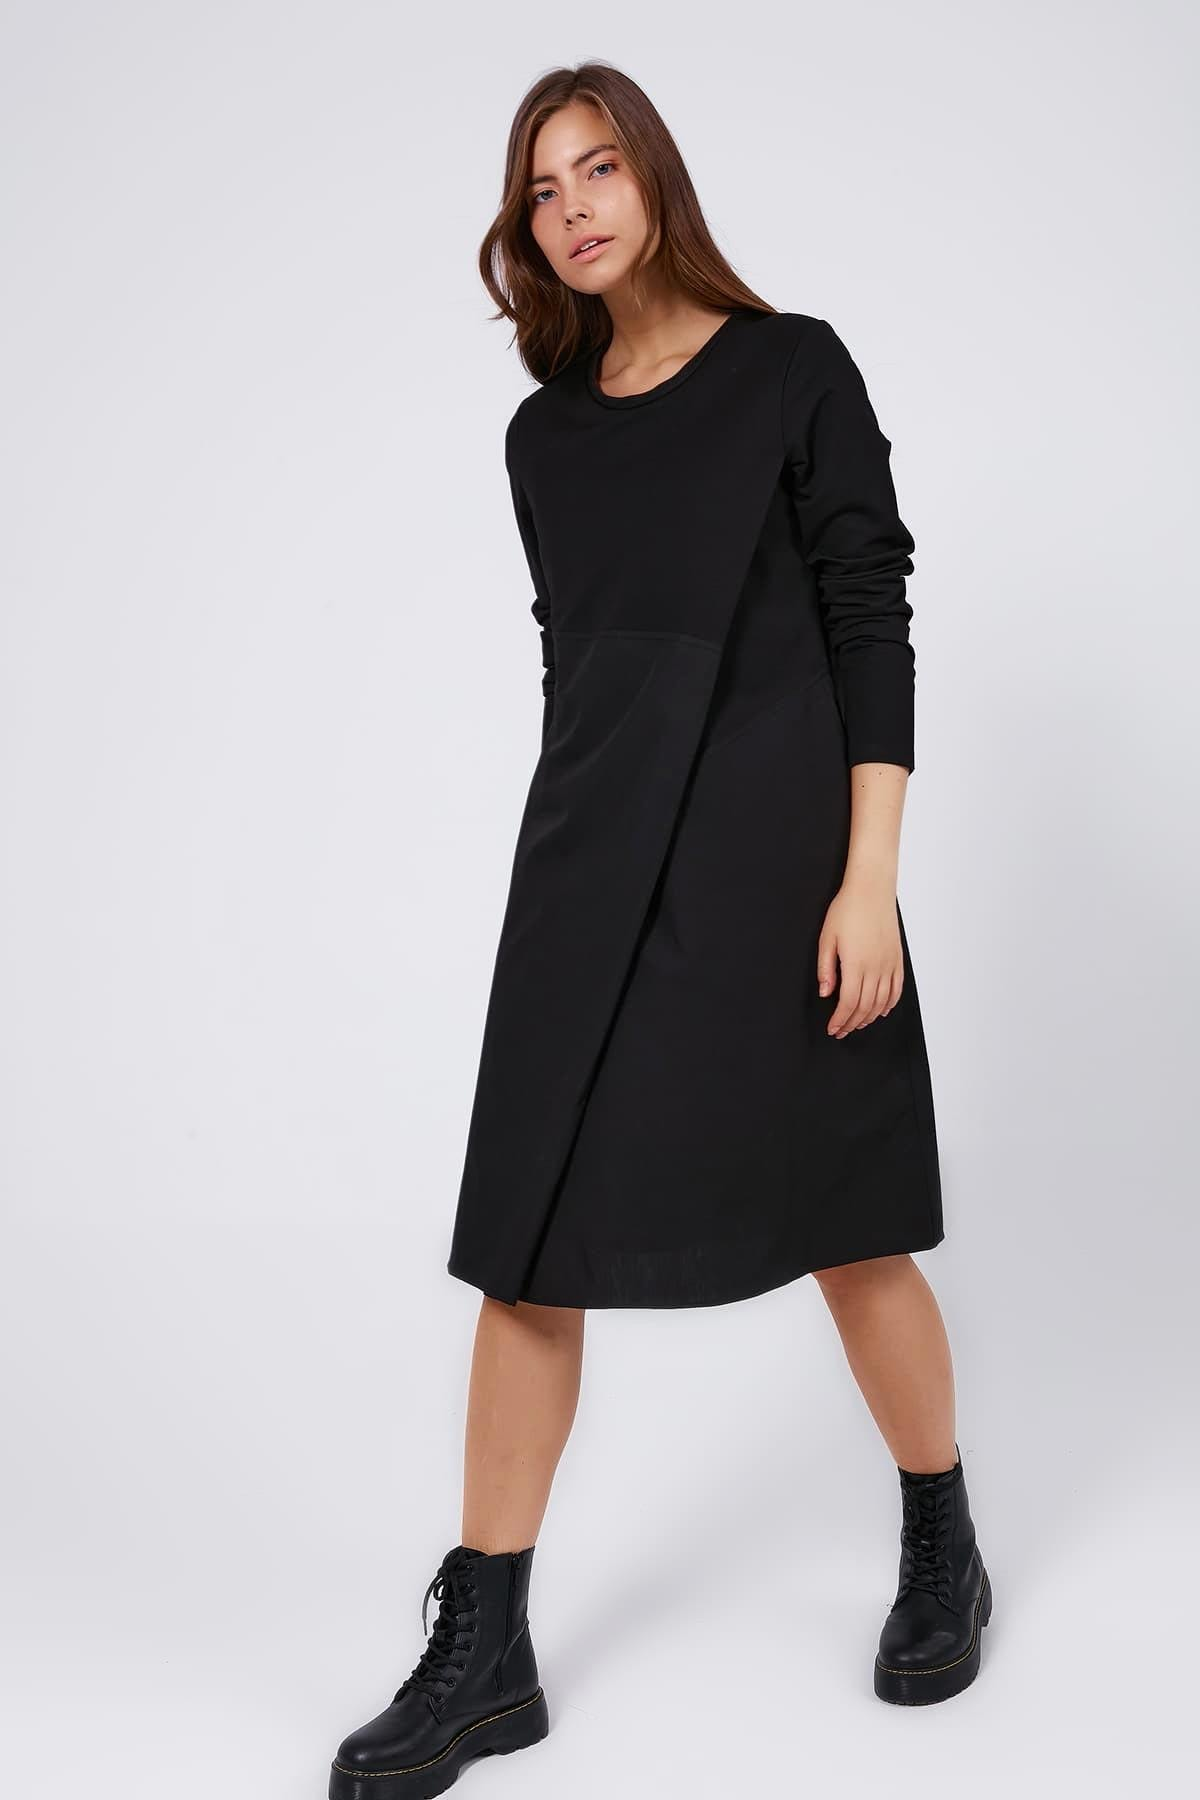 Y-London Kadın Siyah Çift Katlı Asimetrik Kesim Uzun Kollu Elbise Y20W183-7037